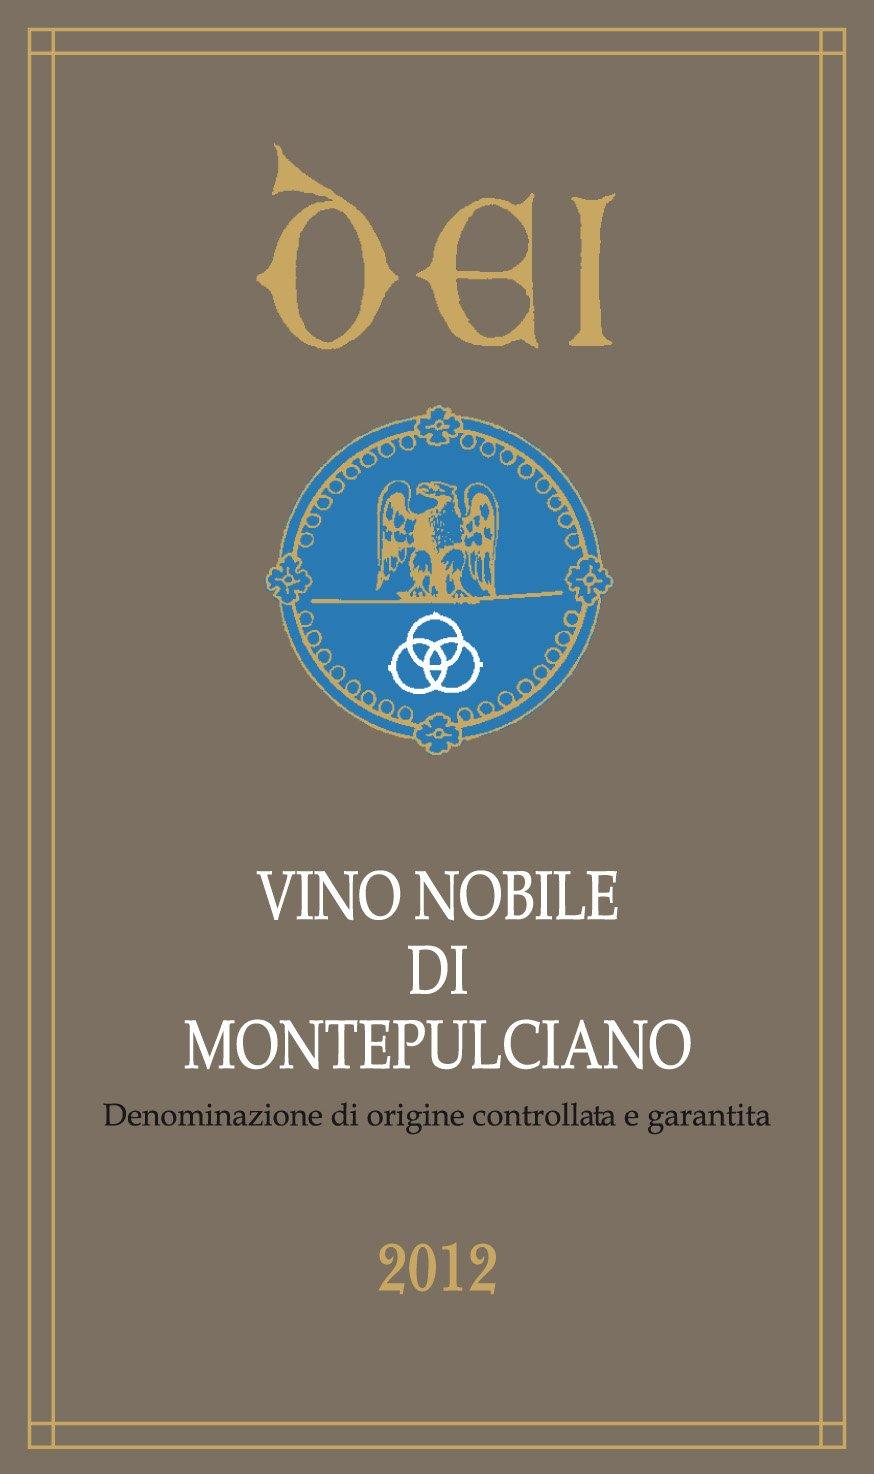 Dei Vino Nobile di Montepulciano 2012